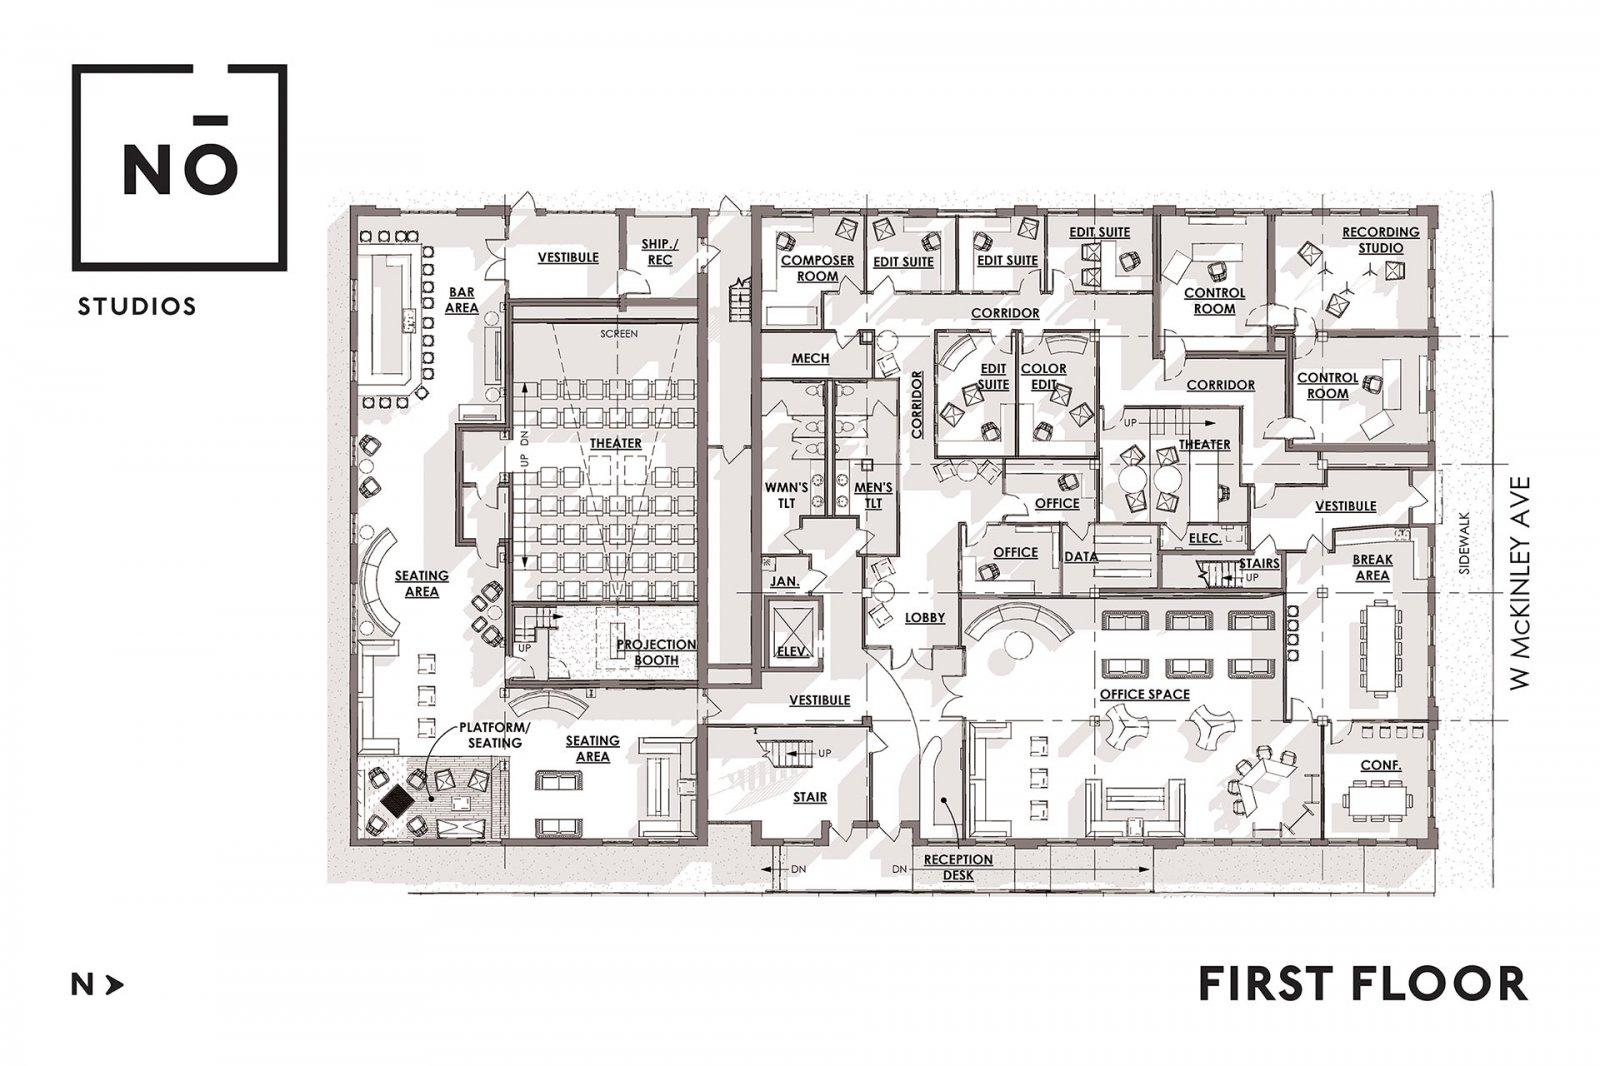 No Studios Floor Plan